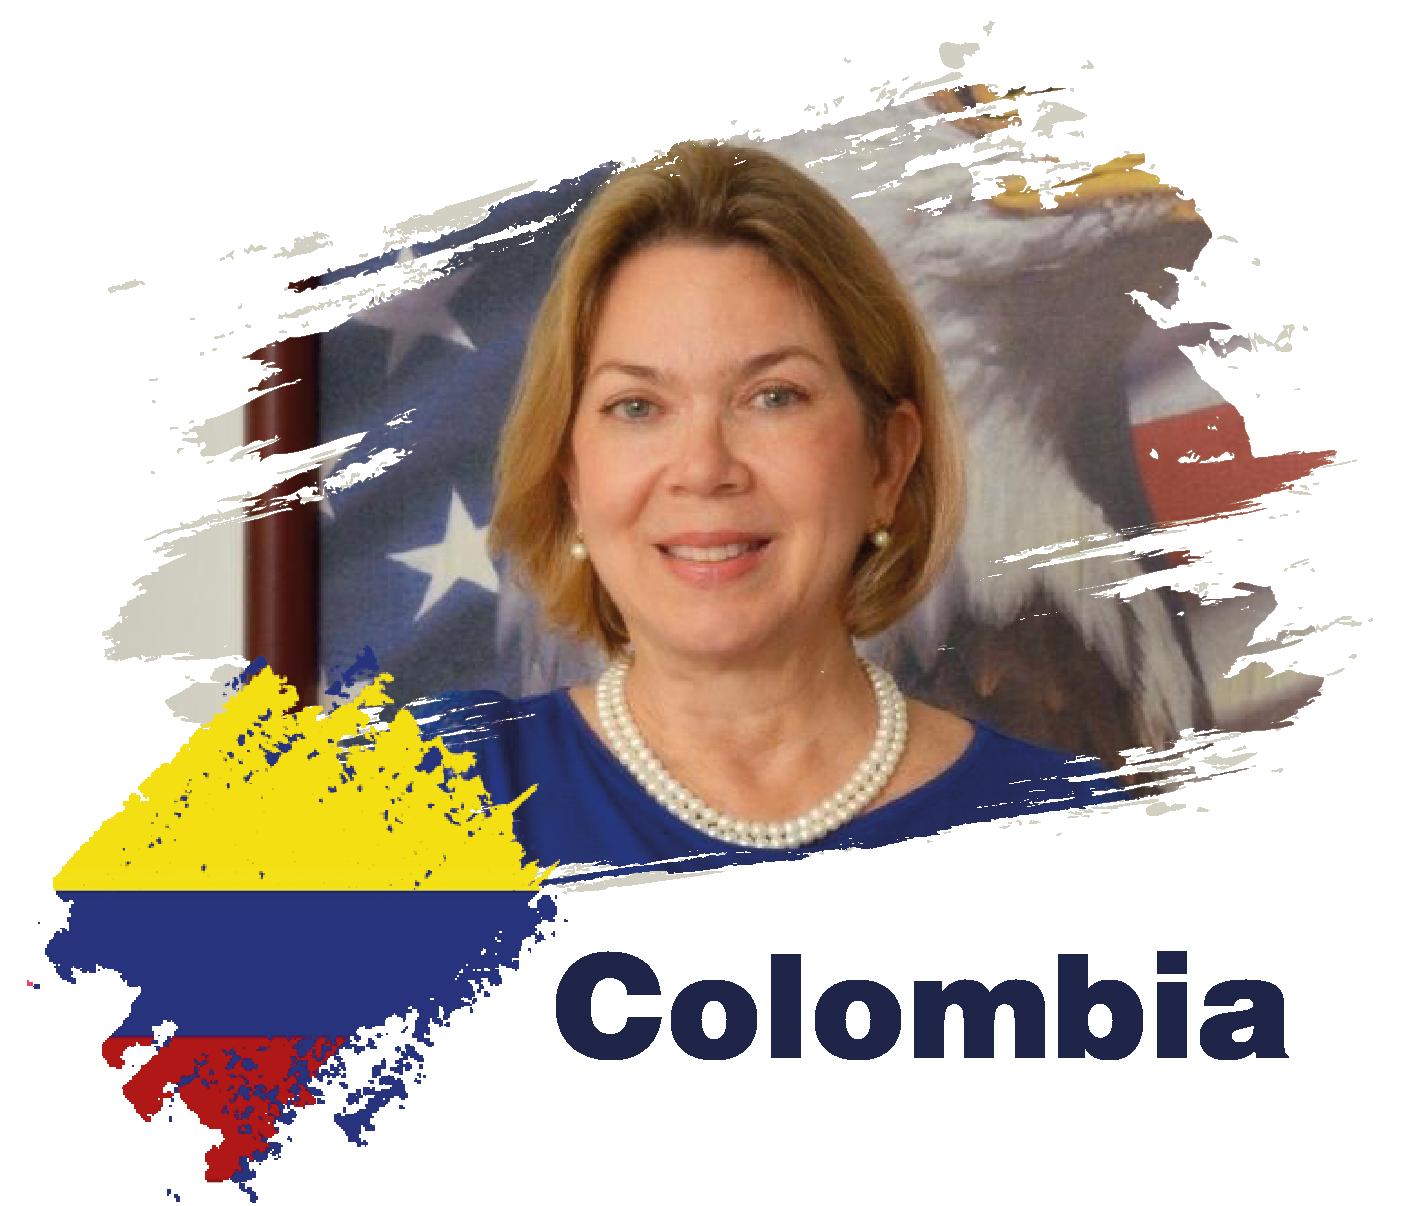 Vicky Ibáñez